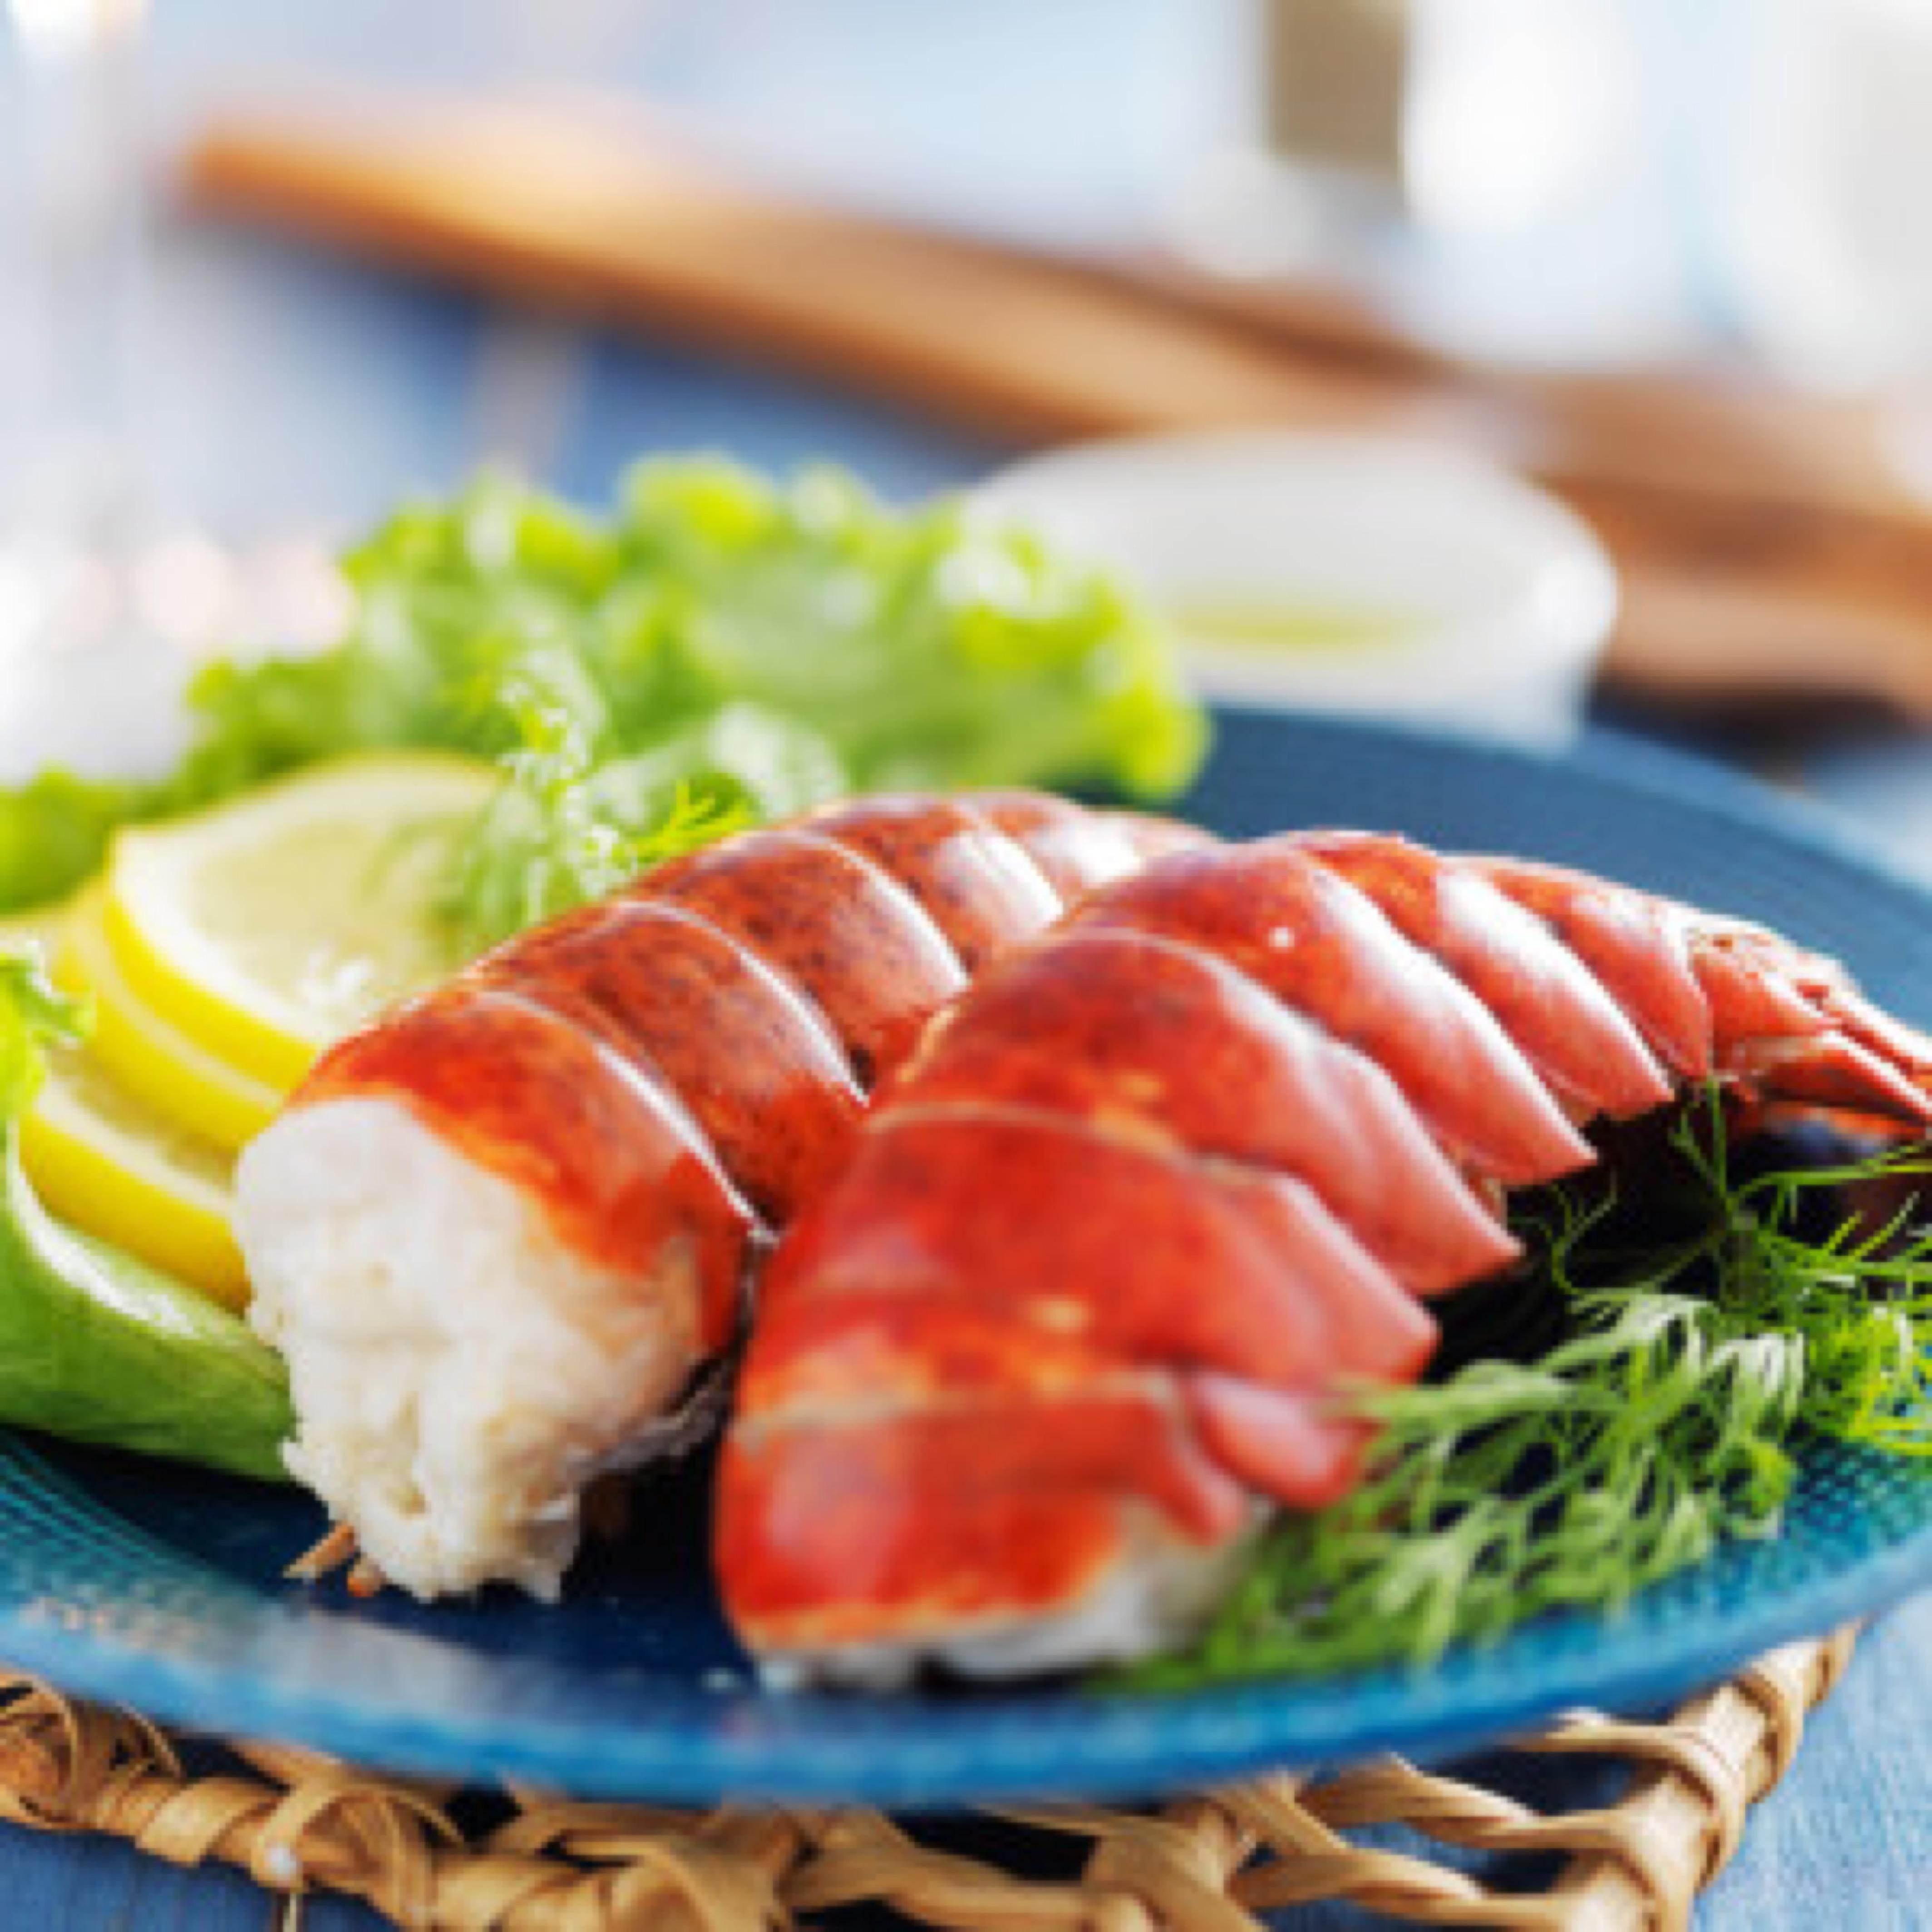 lobster dinner with lemon and lettuce garnish